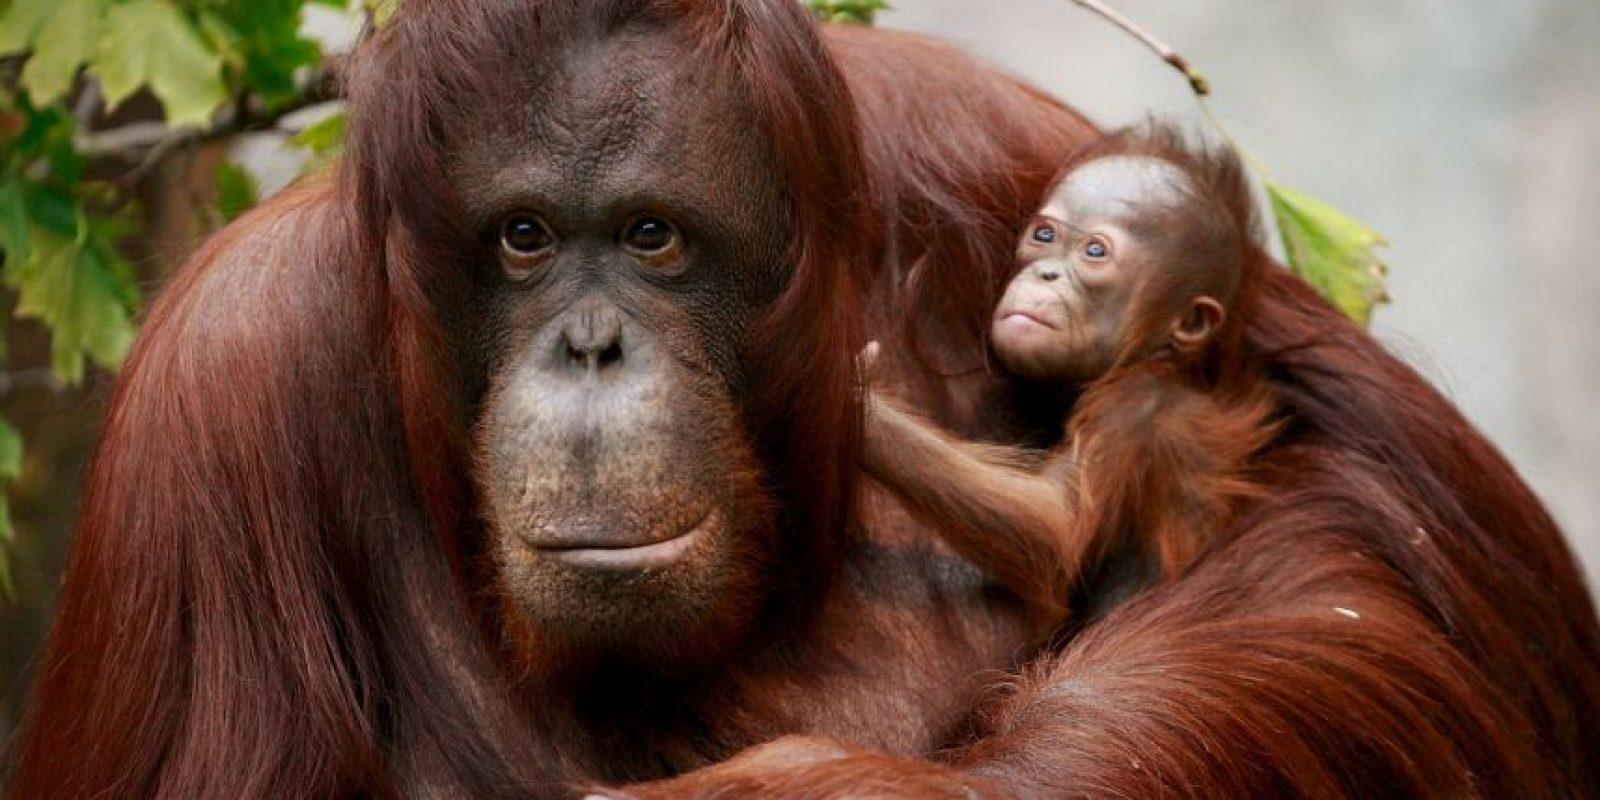 Los brazos del orangután son apropiados para su estilo de vida porque pasa la mayor parte del tiempo (alrededor del 90 por ciento) en los robles de su hogar Foto:Getty Images